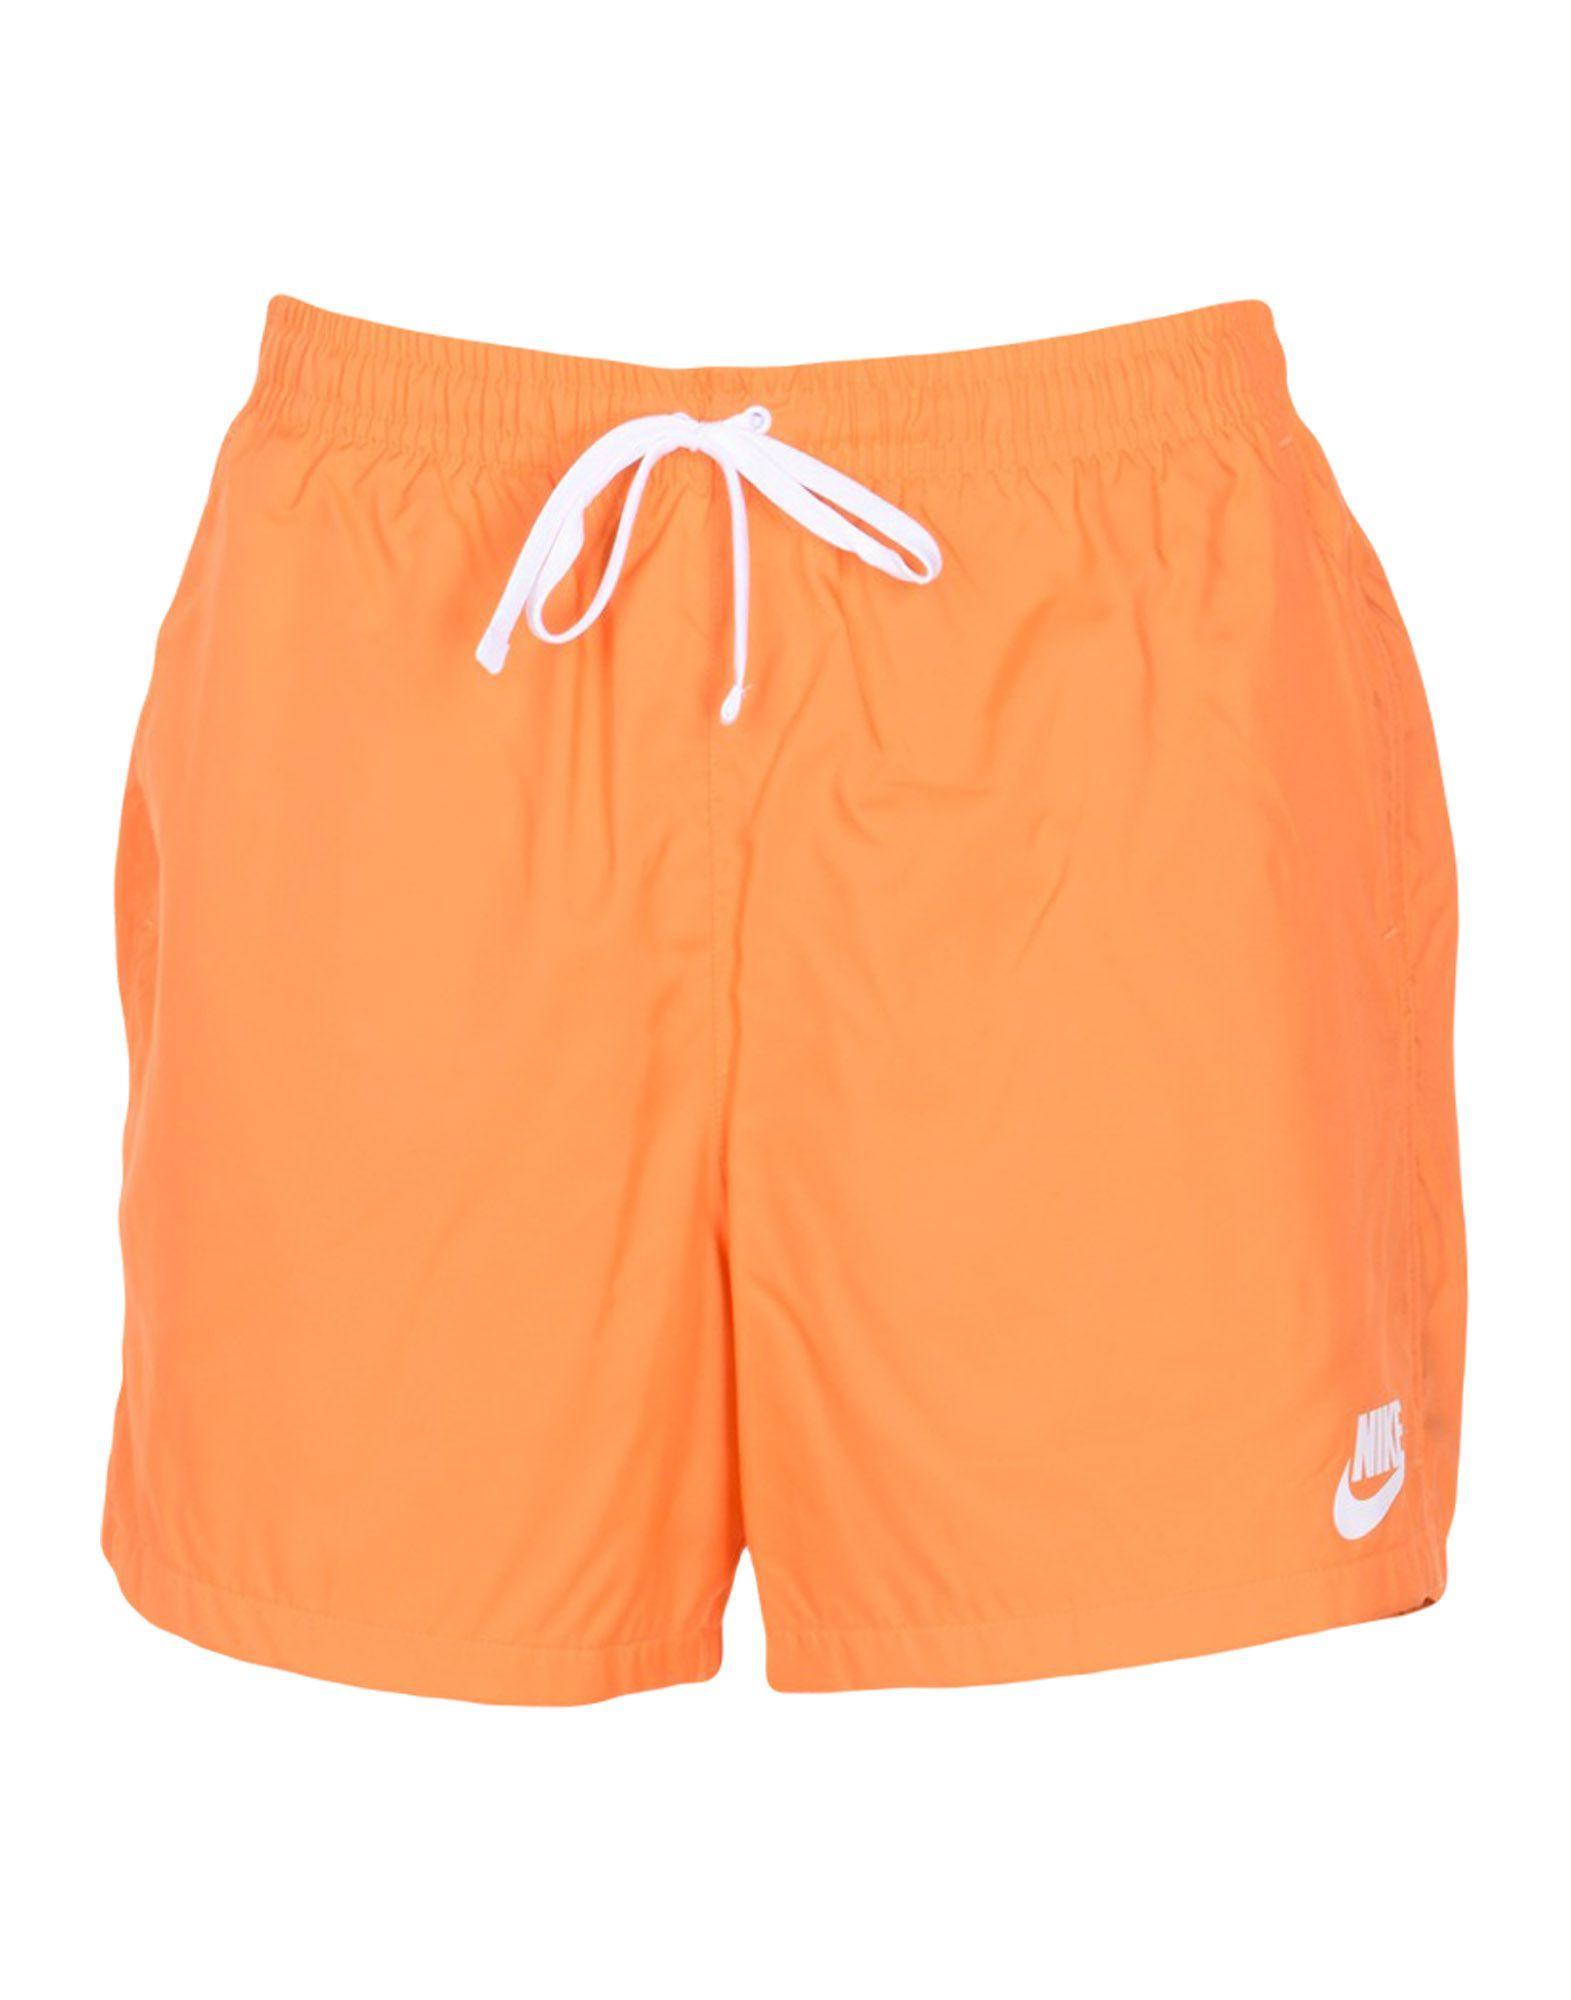 Nike Swim Trunks In Orange